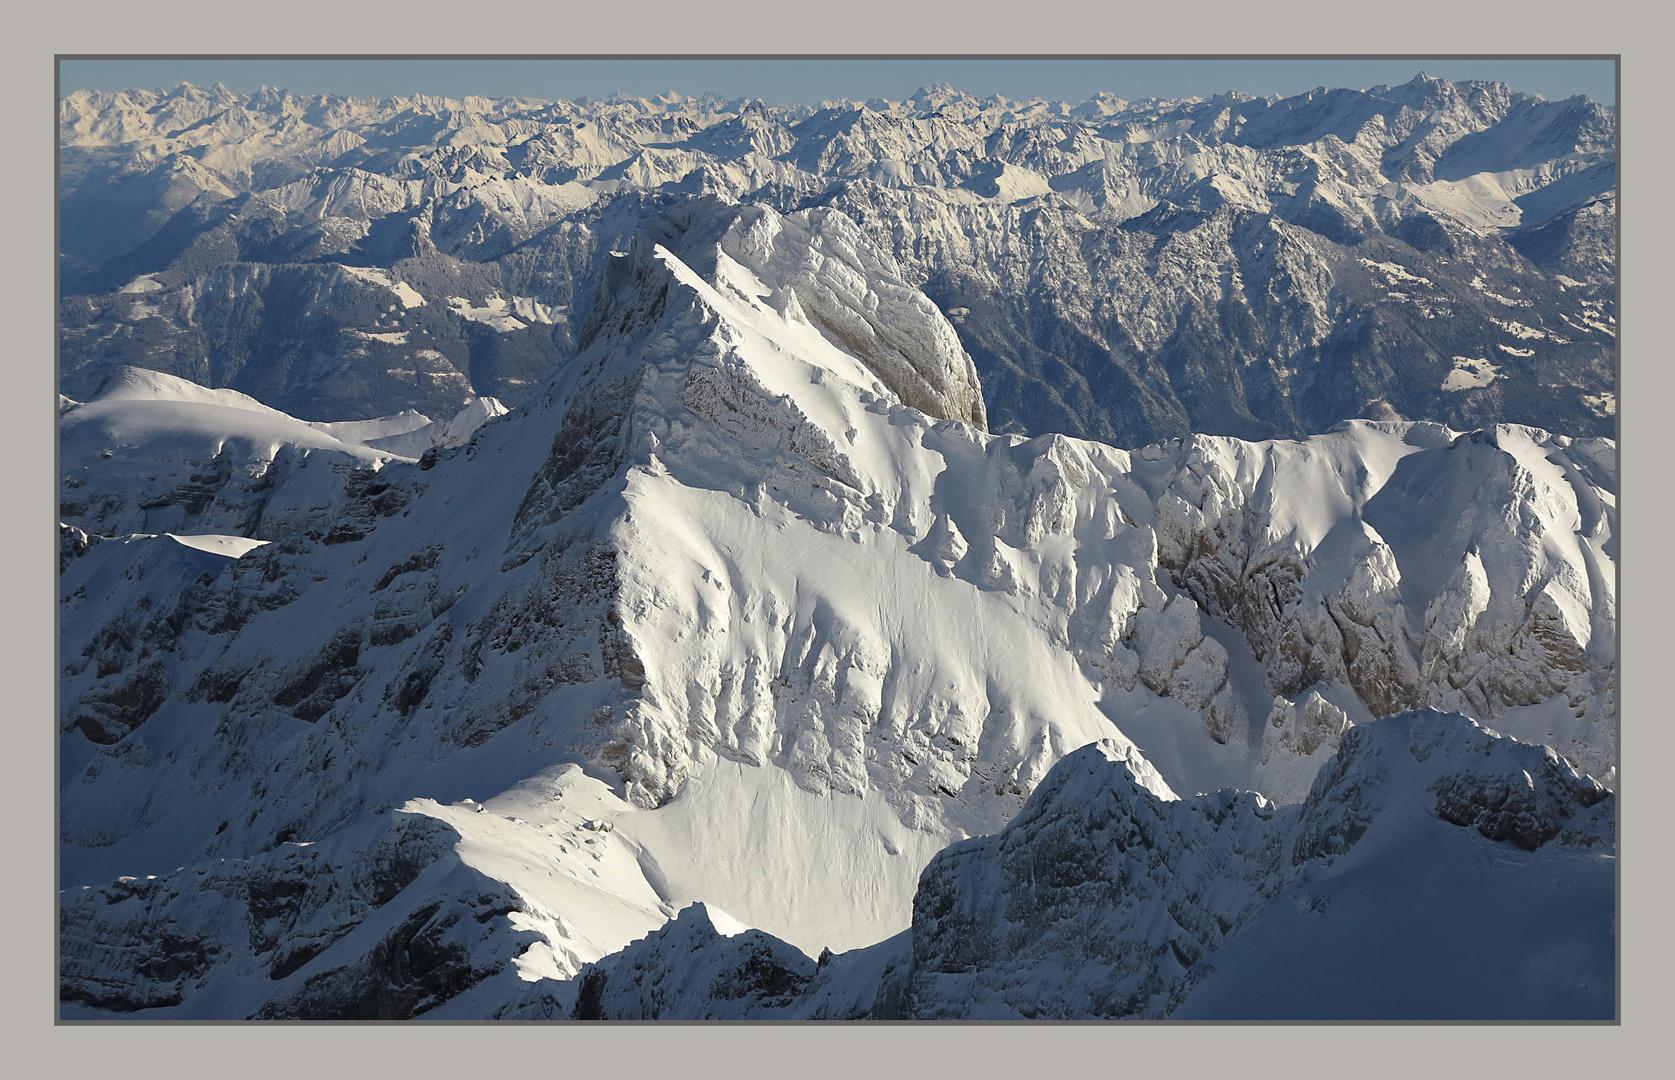 nichts als weissgezuckerte Berge...